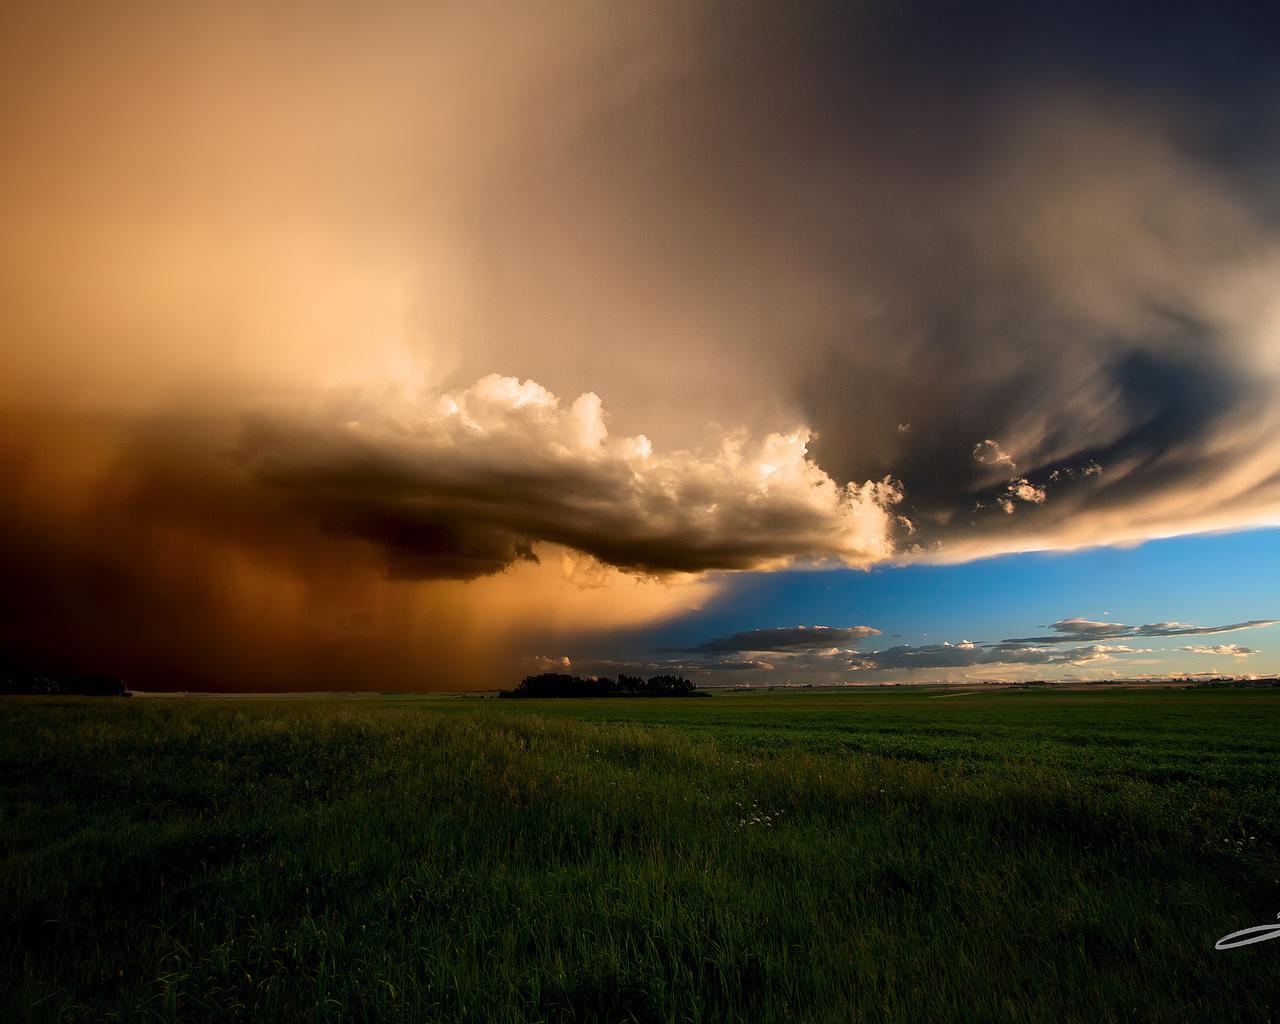 канада, альберта, вечерний шторм, поле, небо, тучи, лето, июнь